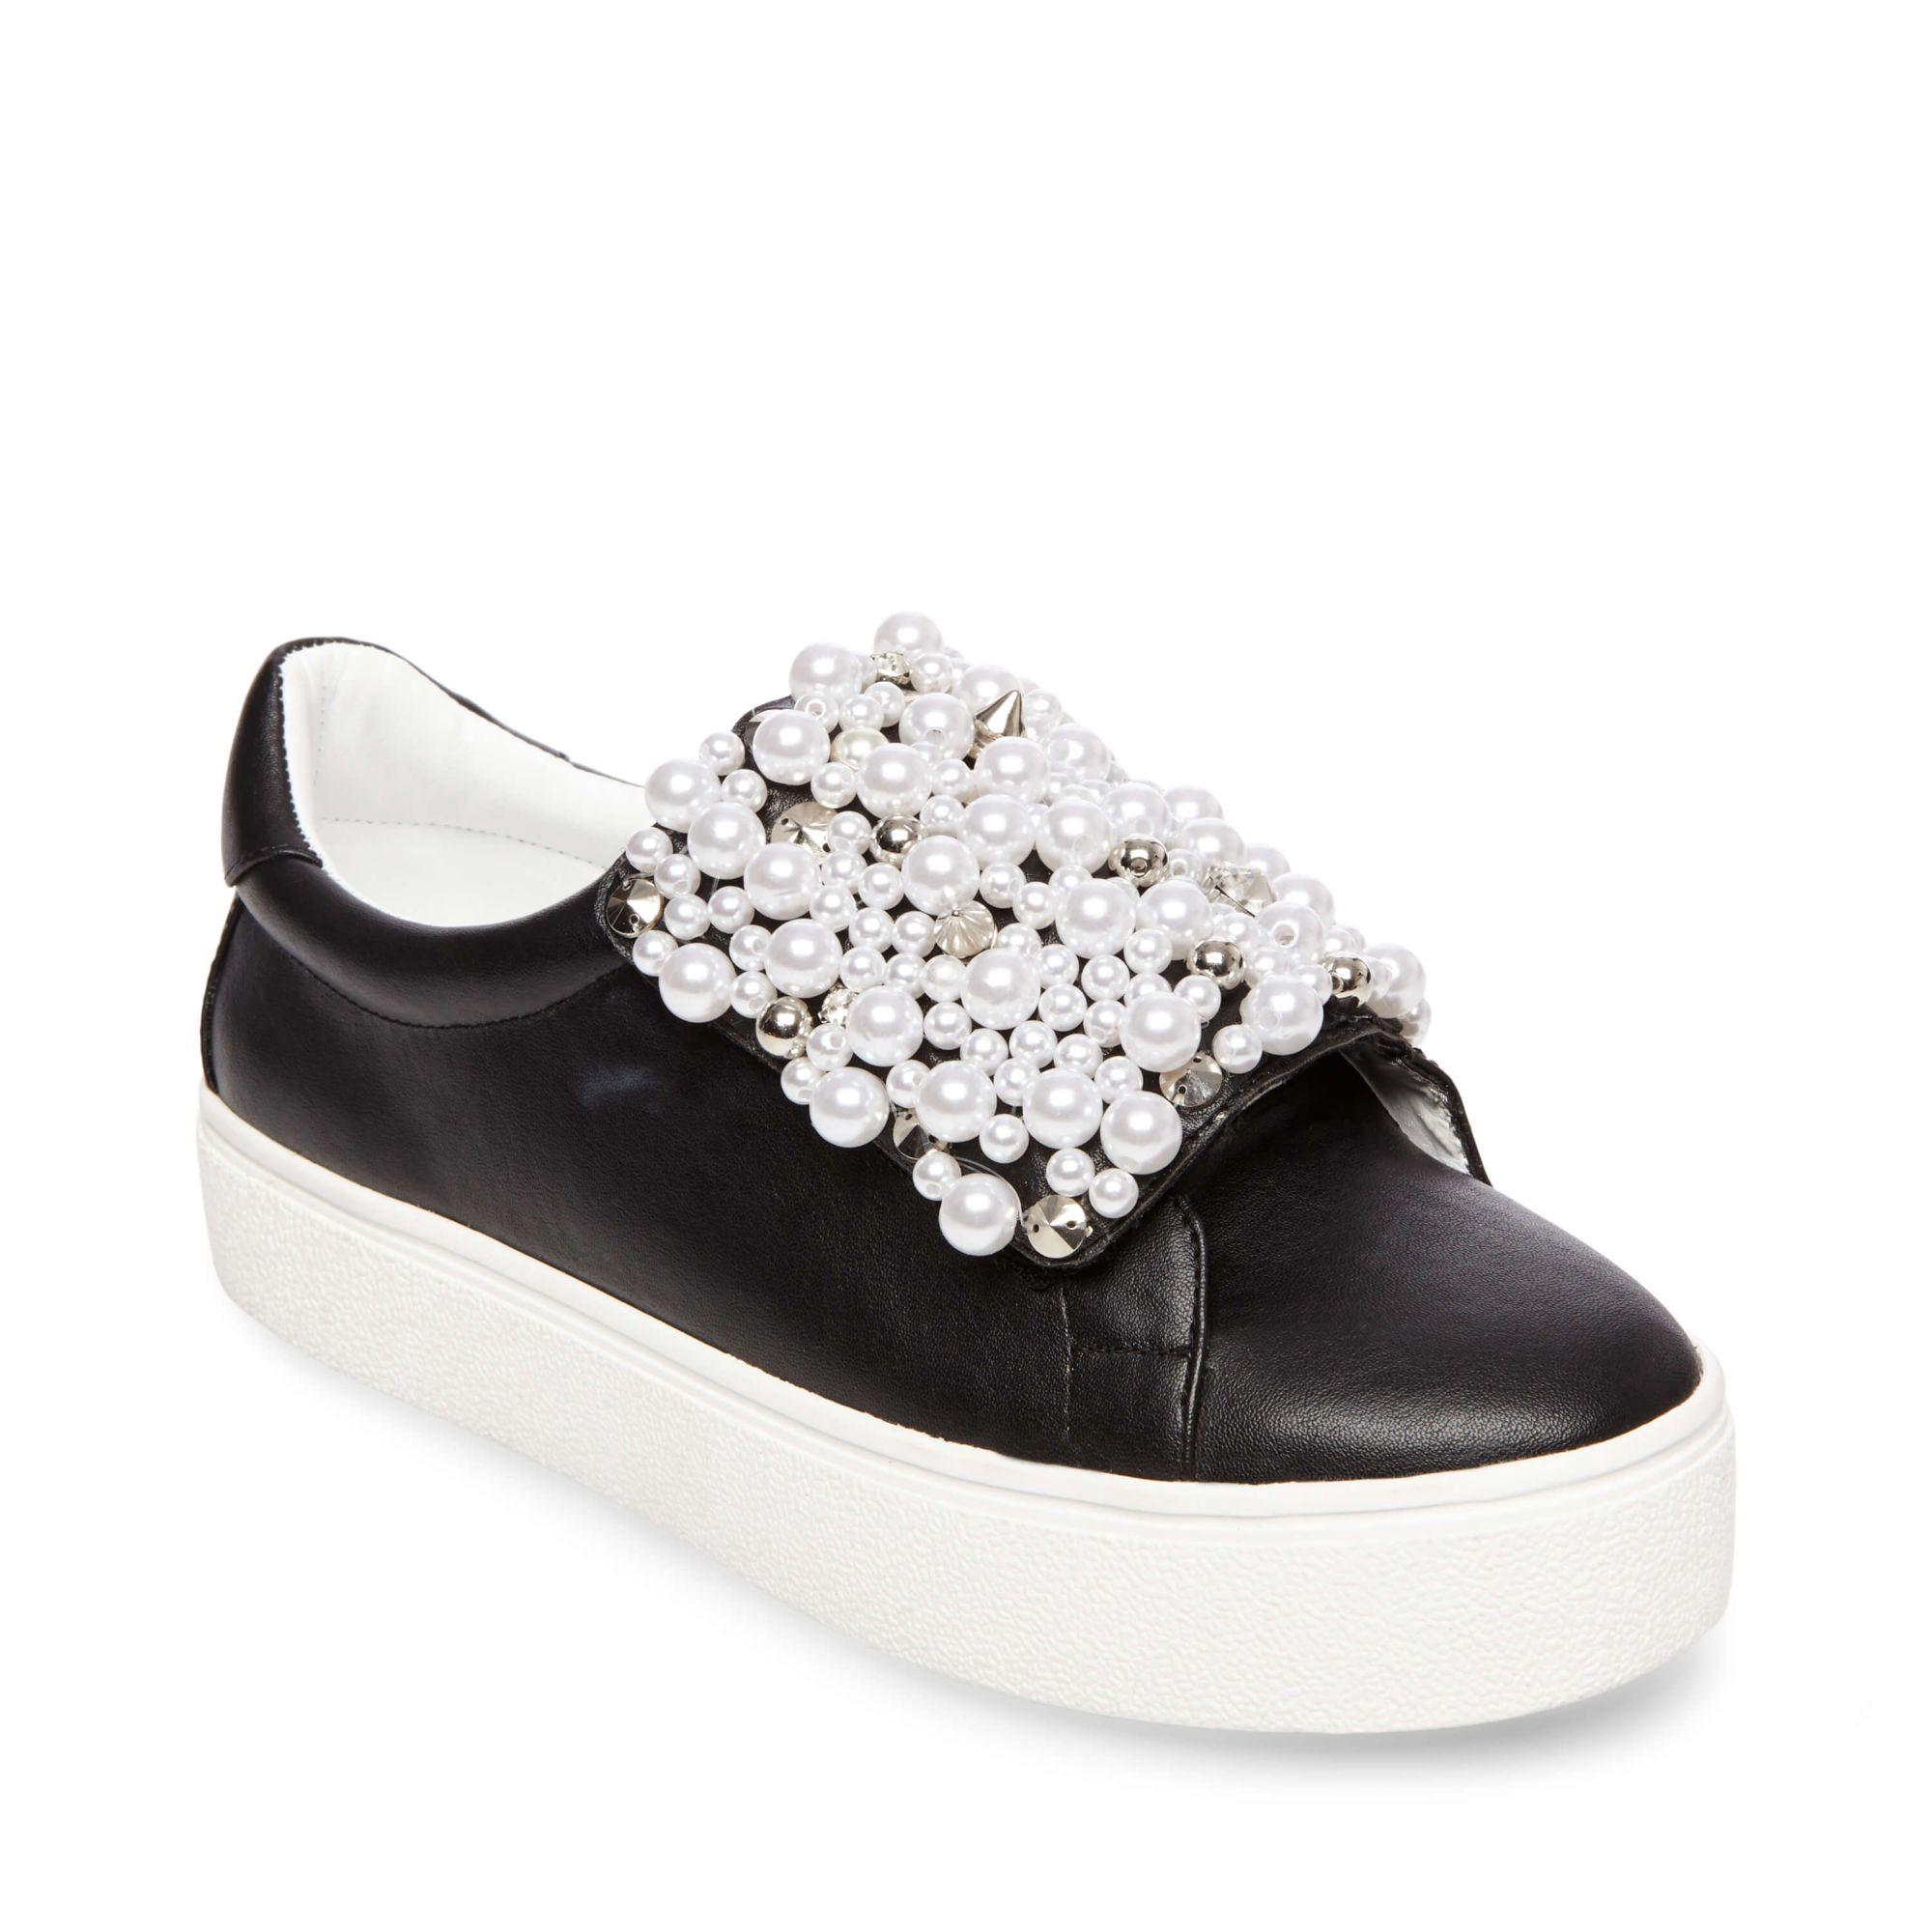 97e125d1a78 Steve Madden Lion Embellished Slip-On Platform Sneaker In Black Faux ...